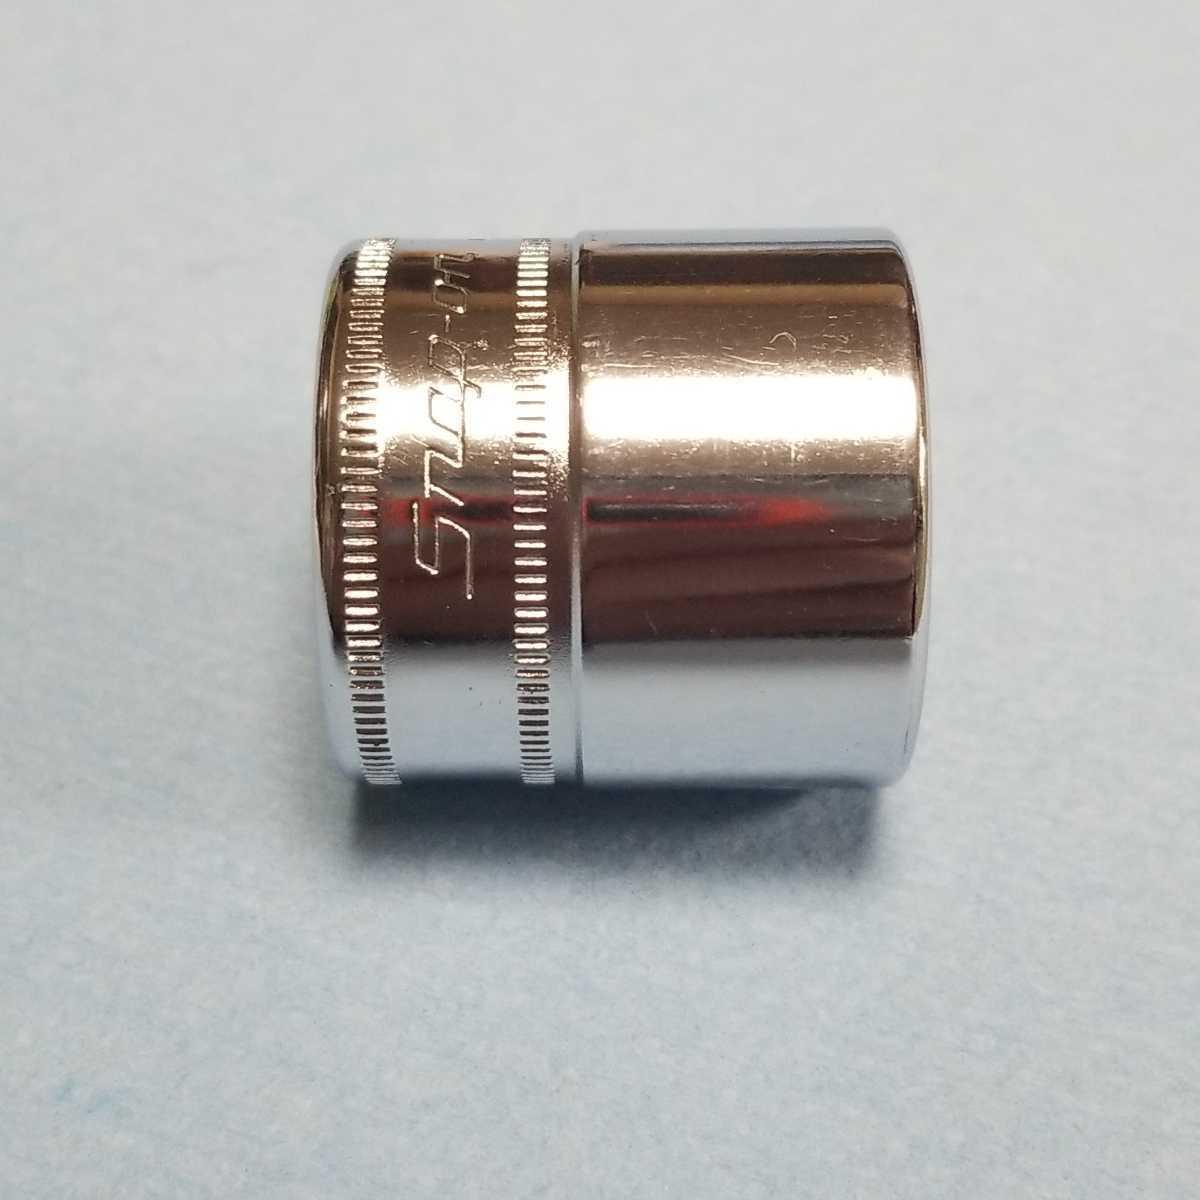 未使用 23mm 3/8 シャロー スナップオン FM23 (12角) 新品 保管品 SNAPON SNAP-ON シャローソケット ソケット 送料無料 Snap-on _画像4